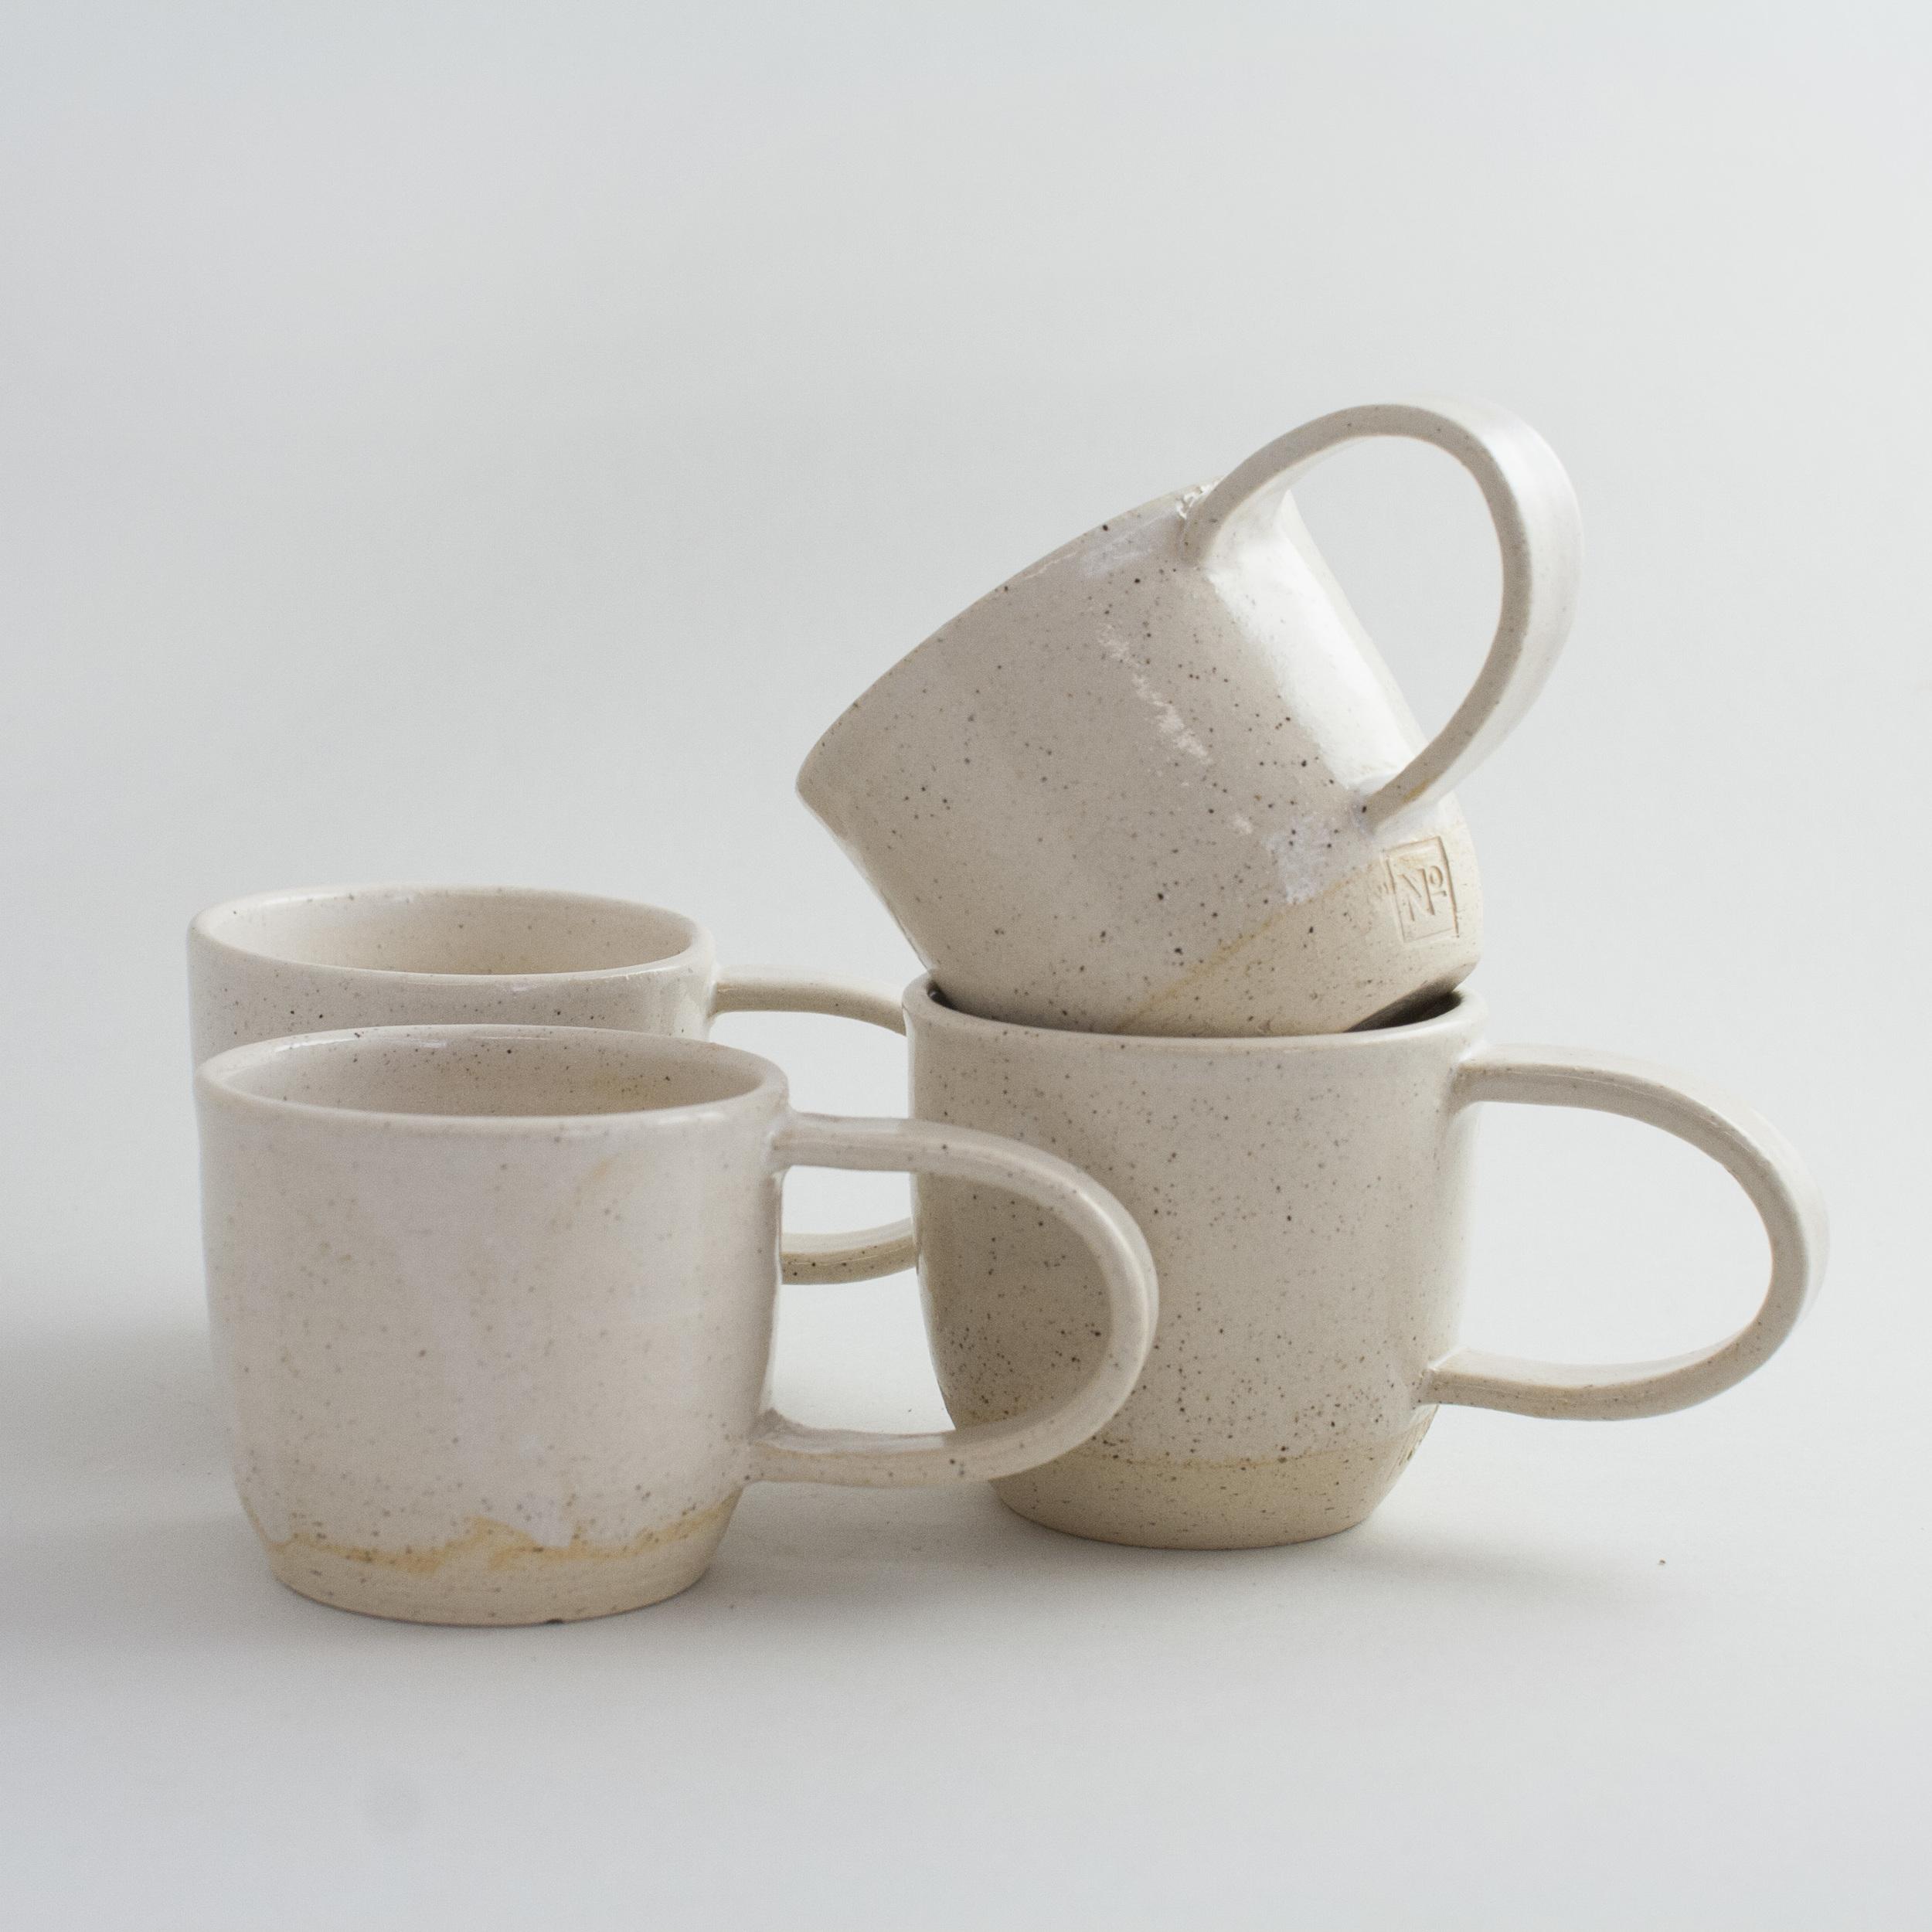 Macchiato-mugs_9429.jpg